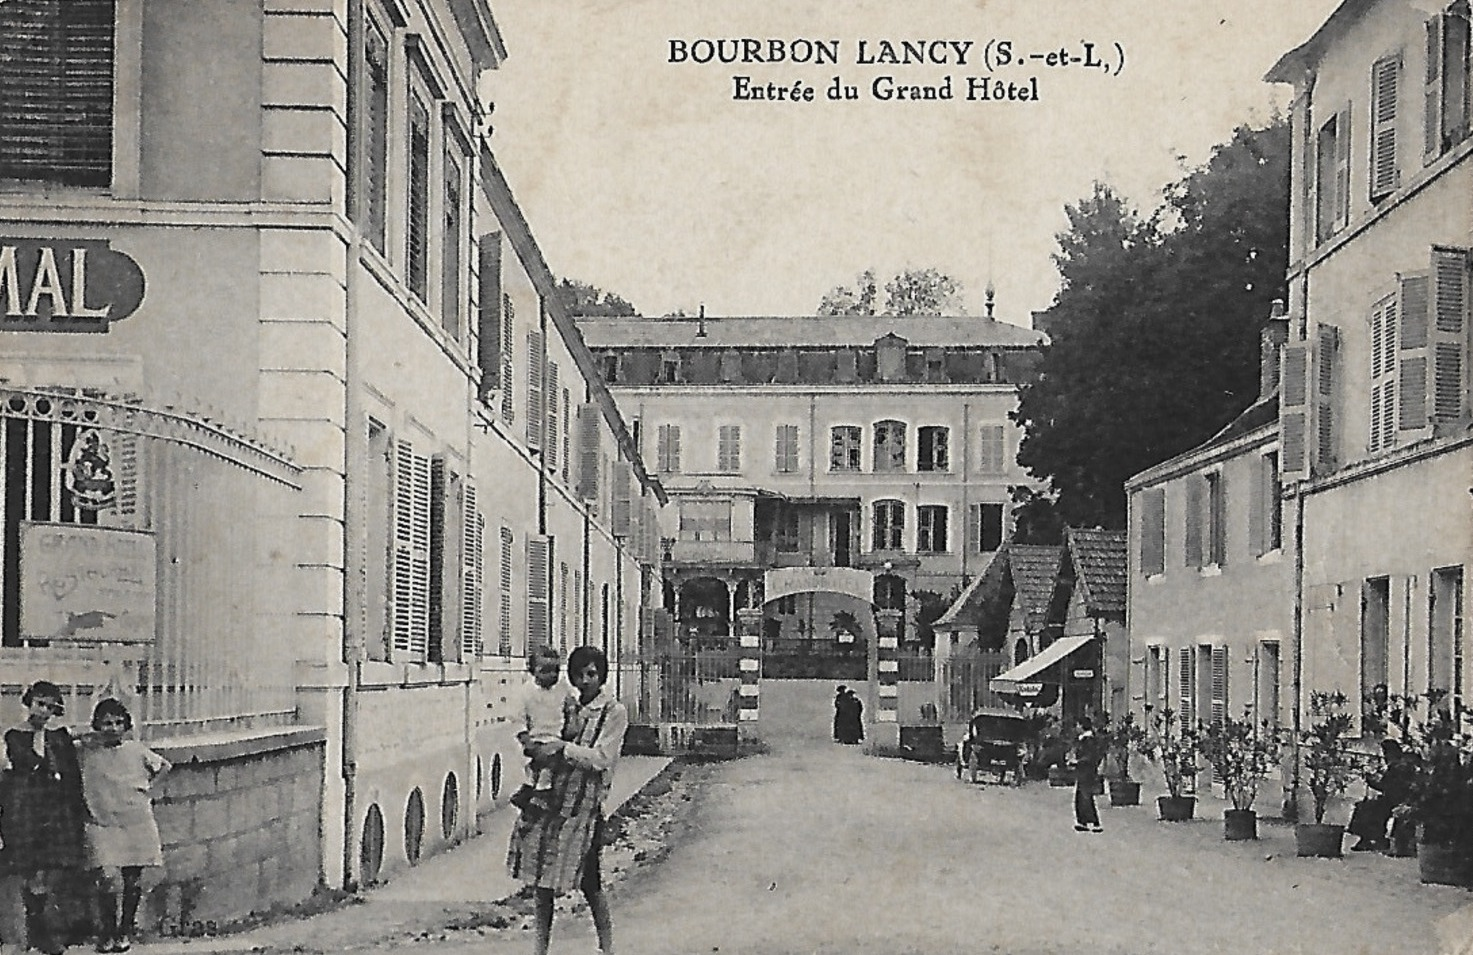 Bourbon-Lancy (Saône-et-Loire) Le Grand Hôtel CPA